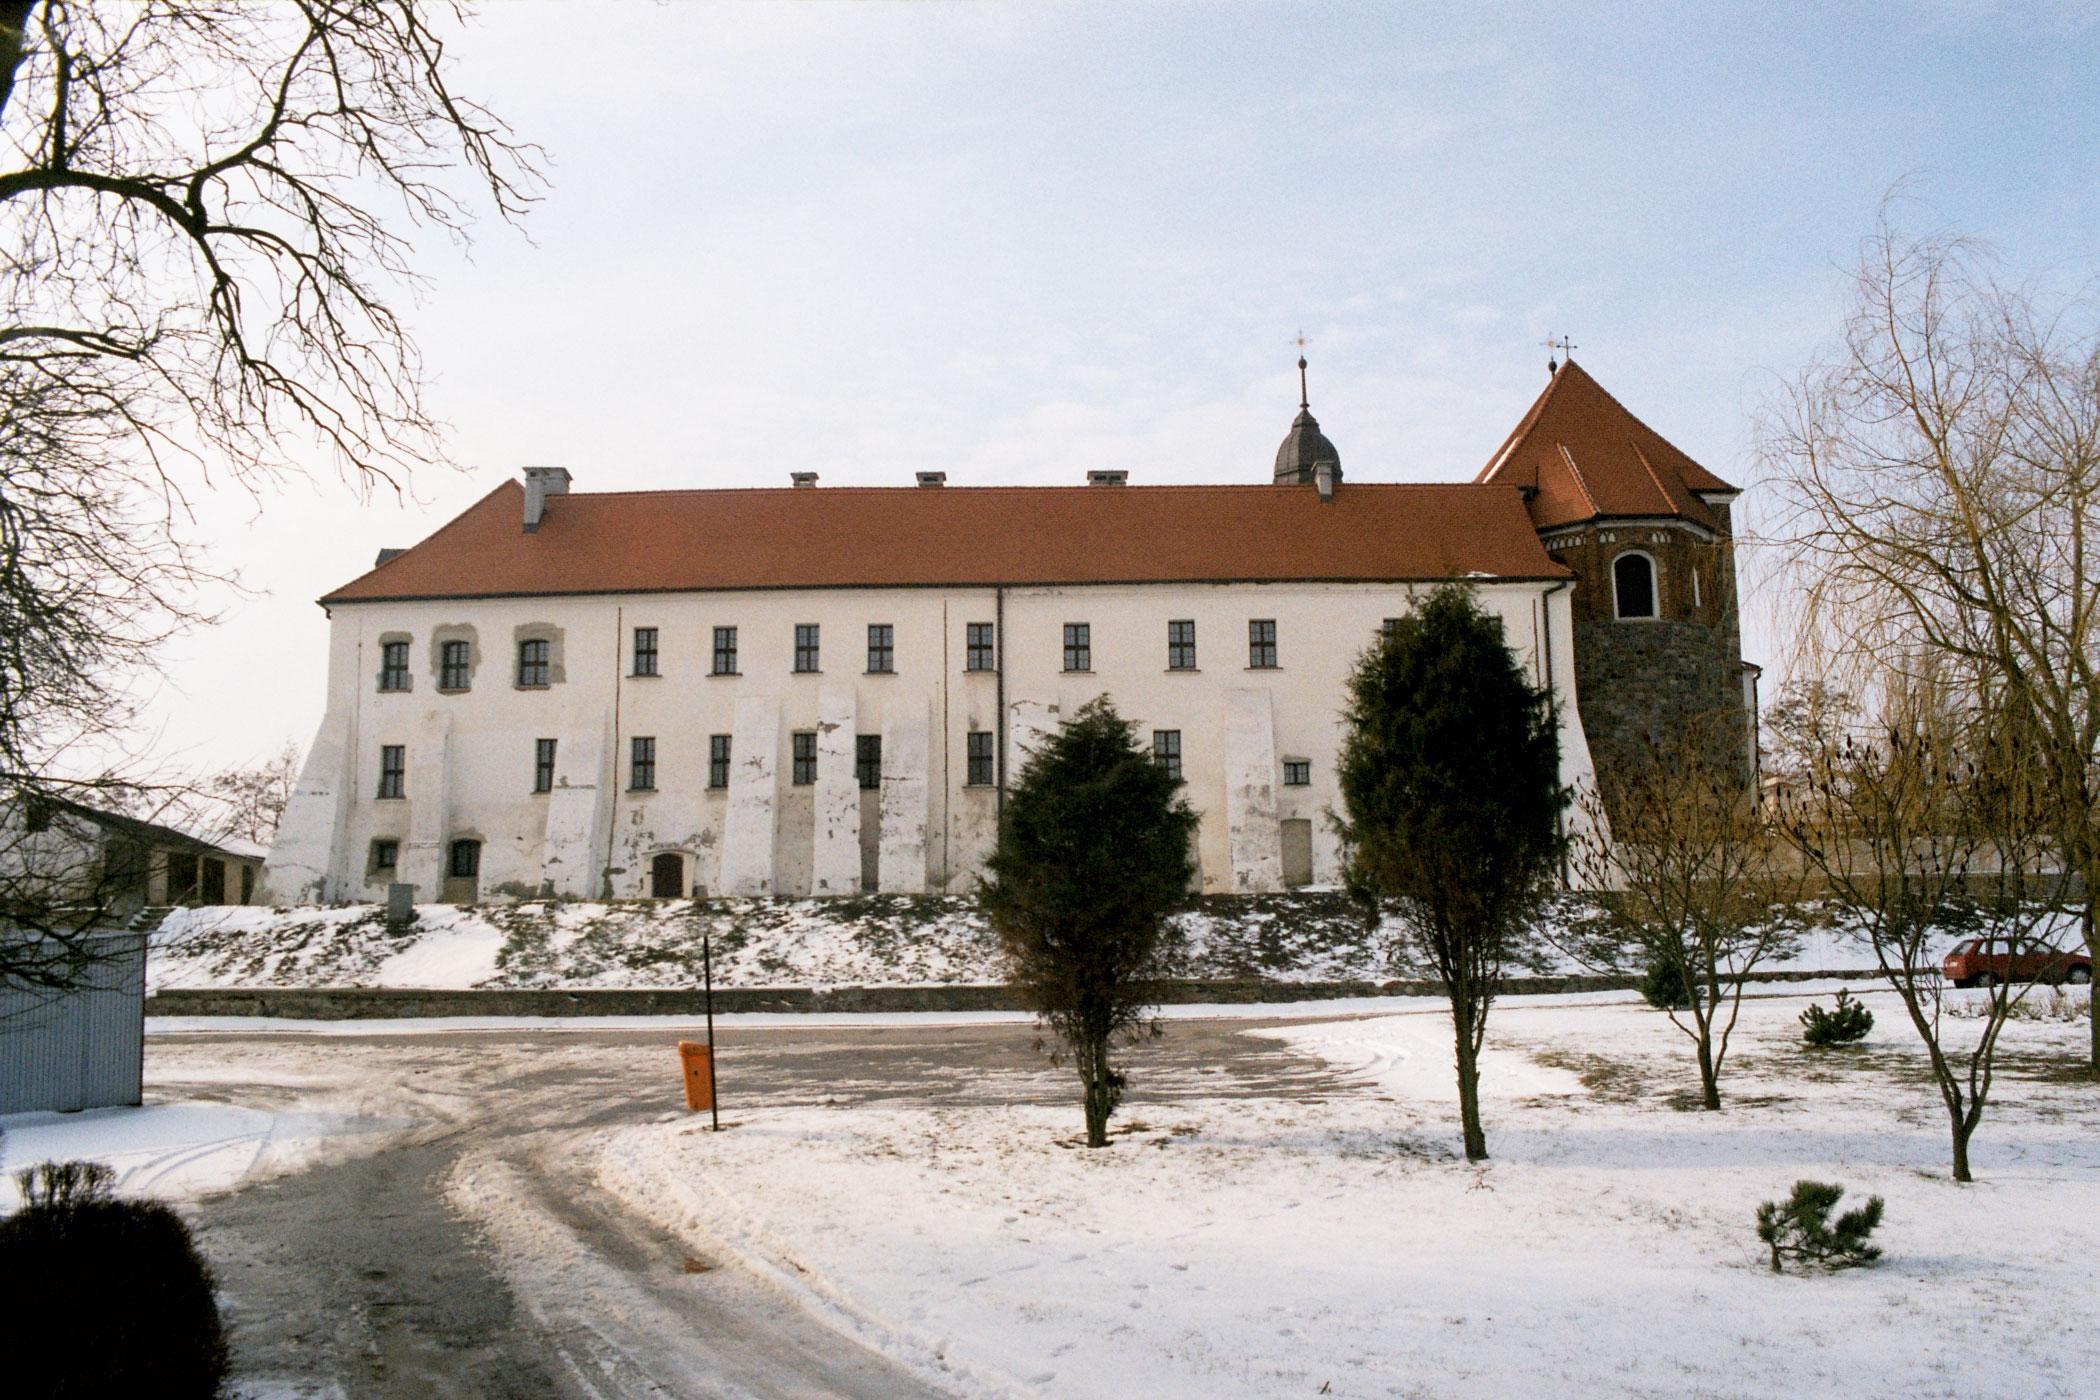 Bolesław II the Generous